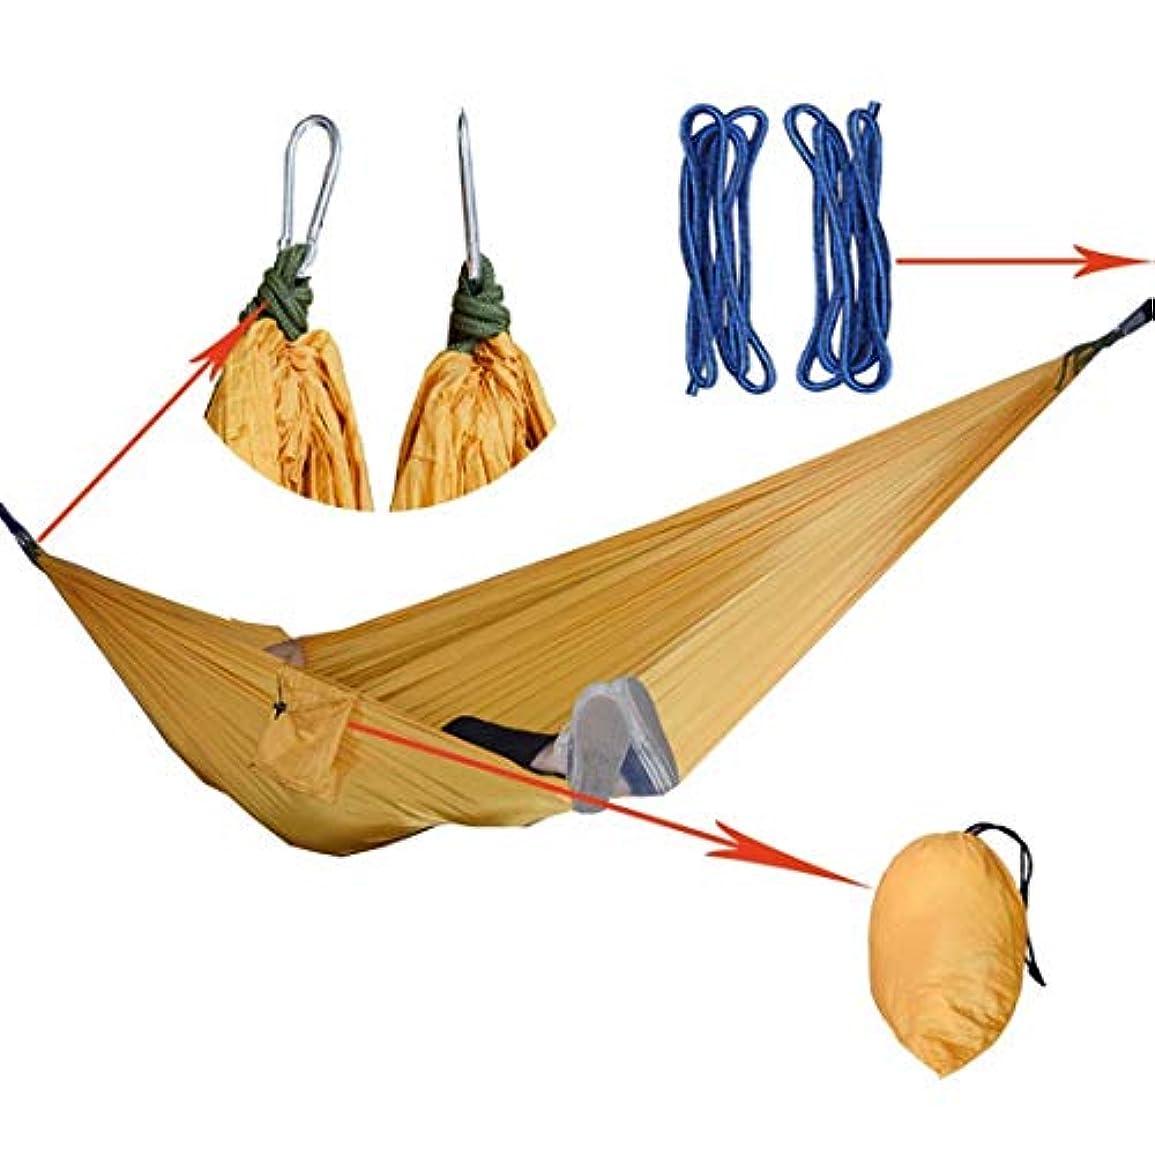 キルトミニチュアあなたが良くなりますKerwinner 屋外のキャンプ用品二重多機能パラシュート布スイングハンモック (Color : 3)